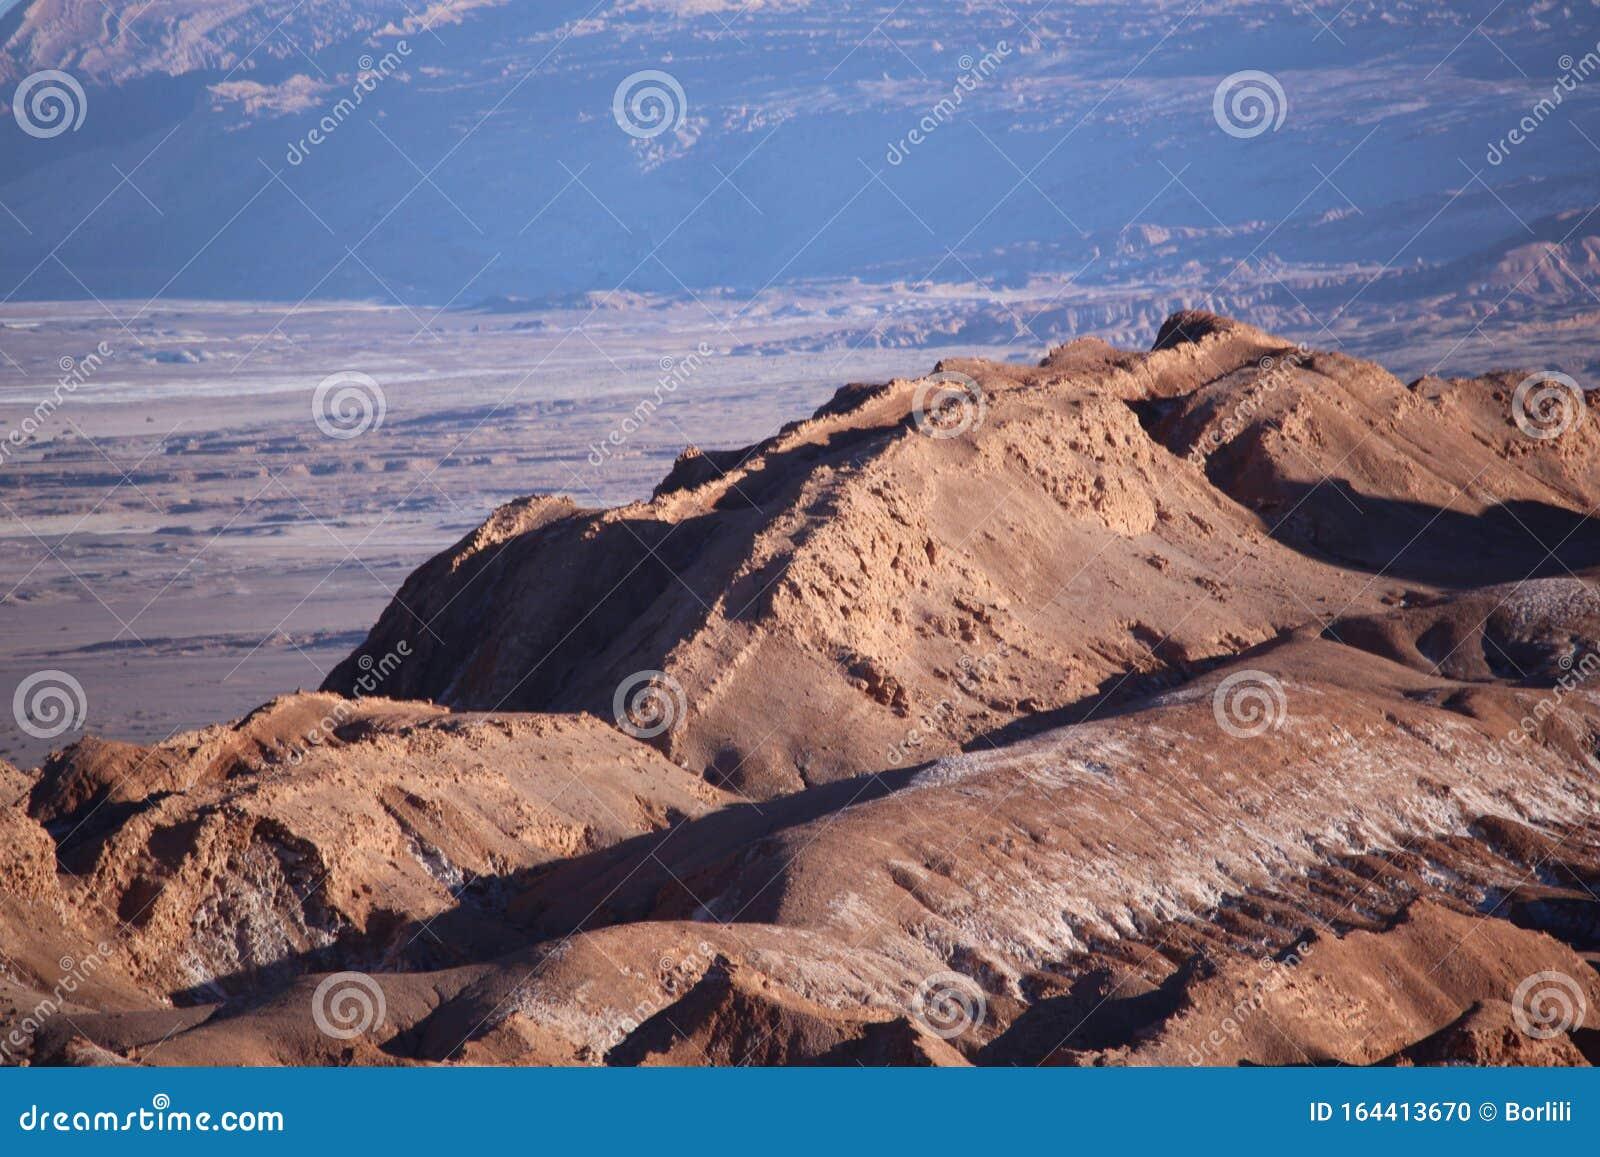 Moon Valley Or El Valle De La Luna Atacama Desert San Pedro Atacama Northern Chile Stock Photo Image Of Rock Attraction 164413670